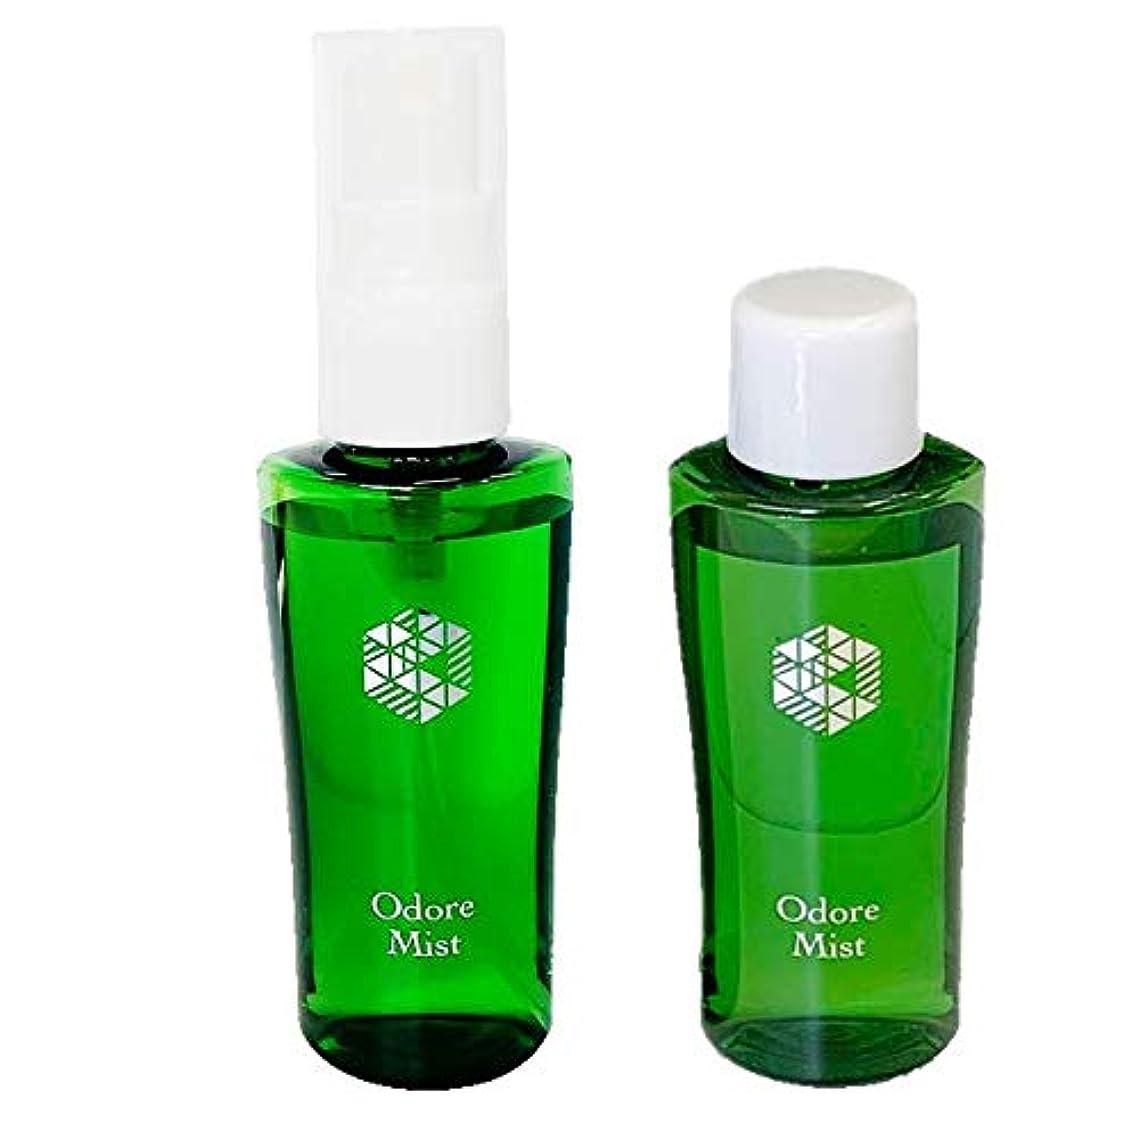 オドレミスト50ml&オドレミスト詰め替え用50ml セット 塩化アルミニウム13%配合デオドラント スプレー